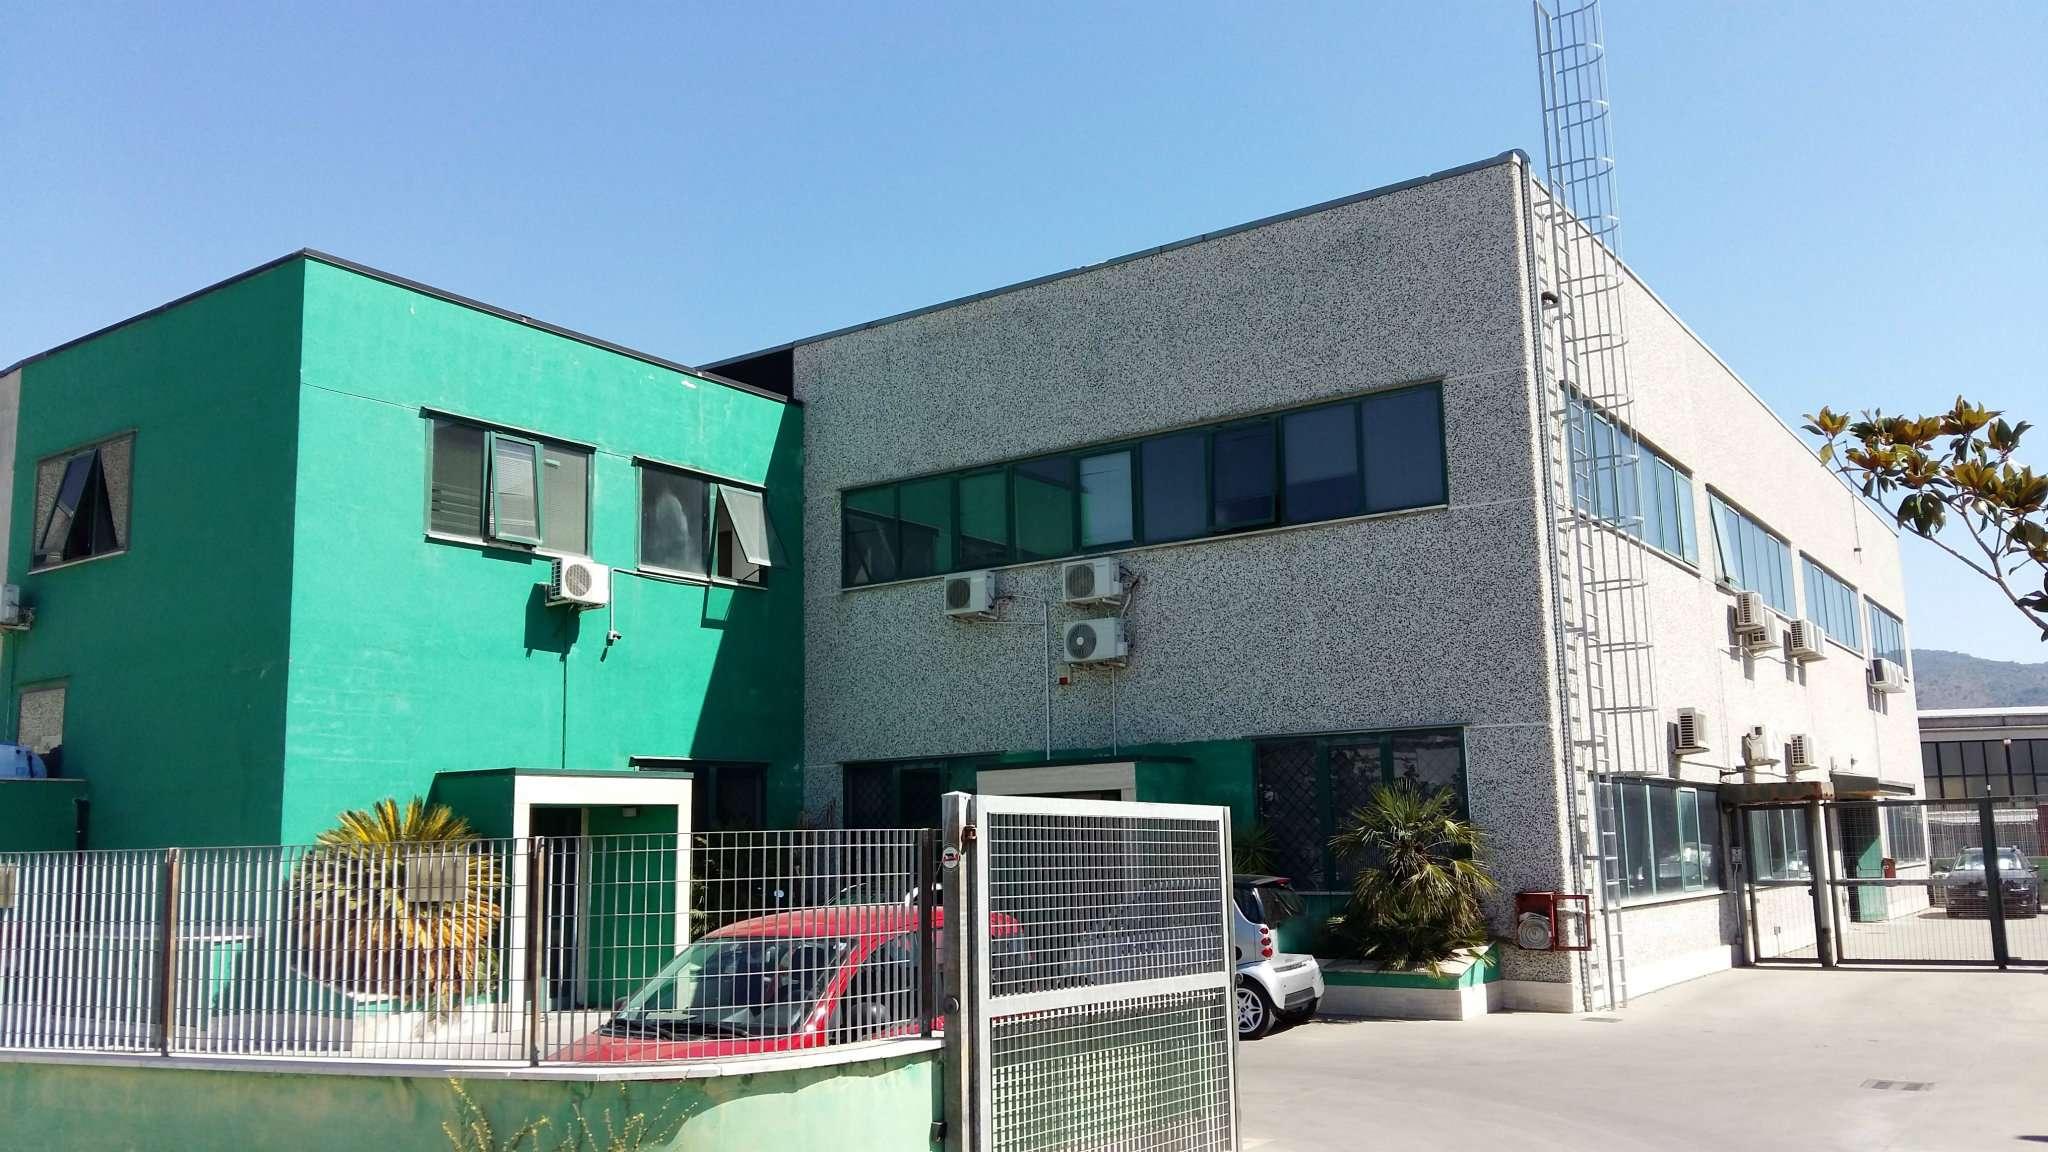 Negozio / Locale in vendita a Tivoli, 5 locali, prezzo € 169.000 | CambioCasa.it